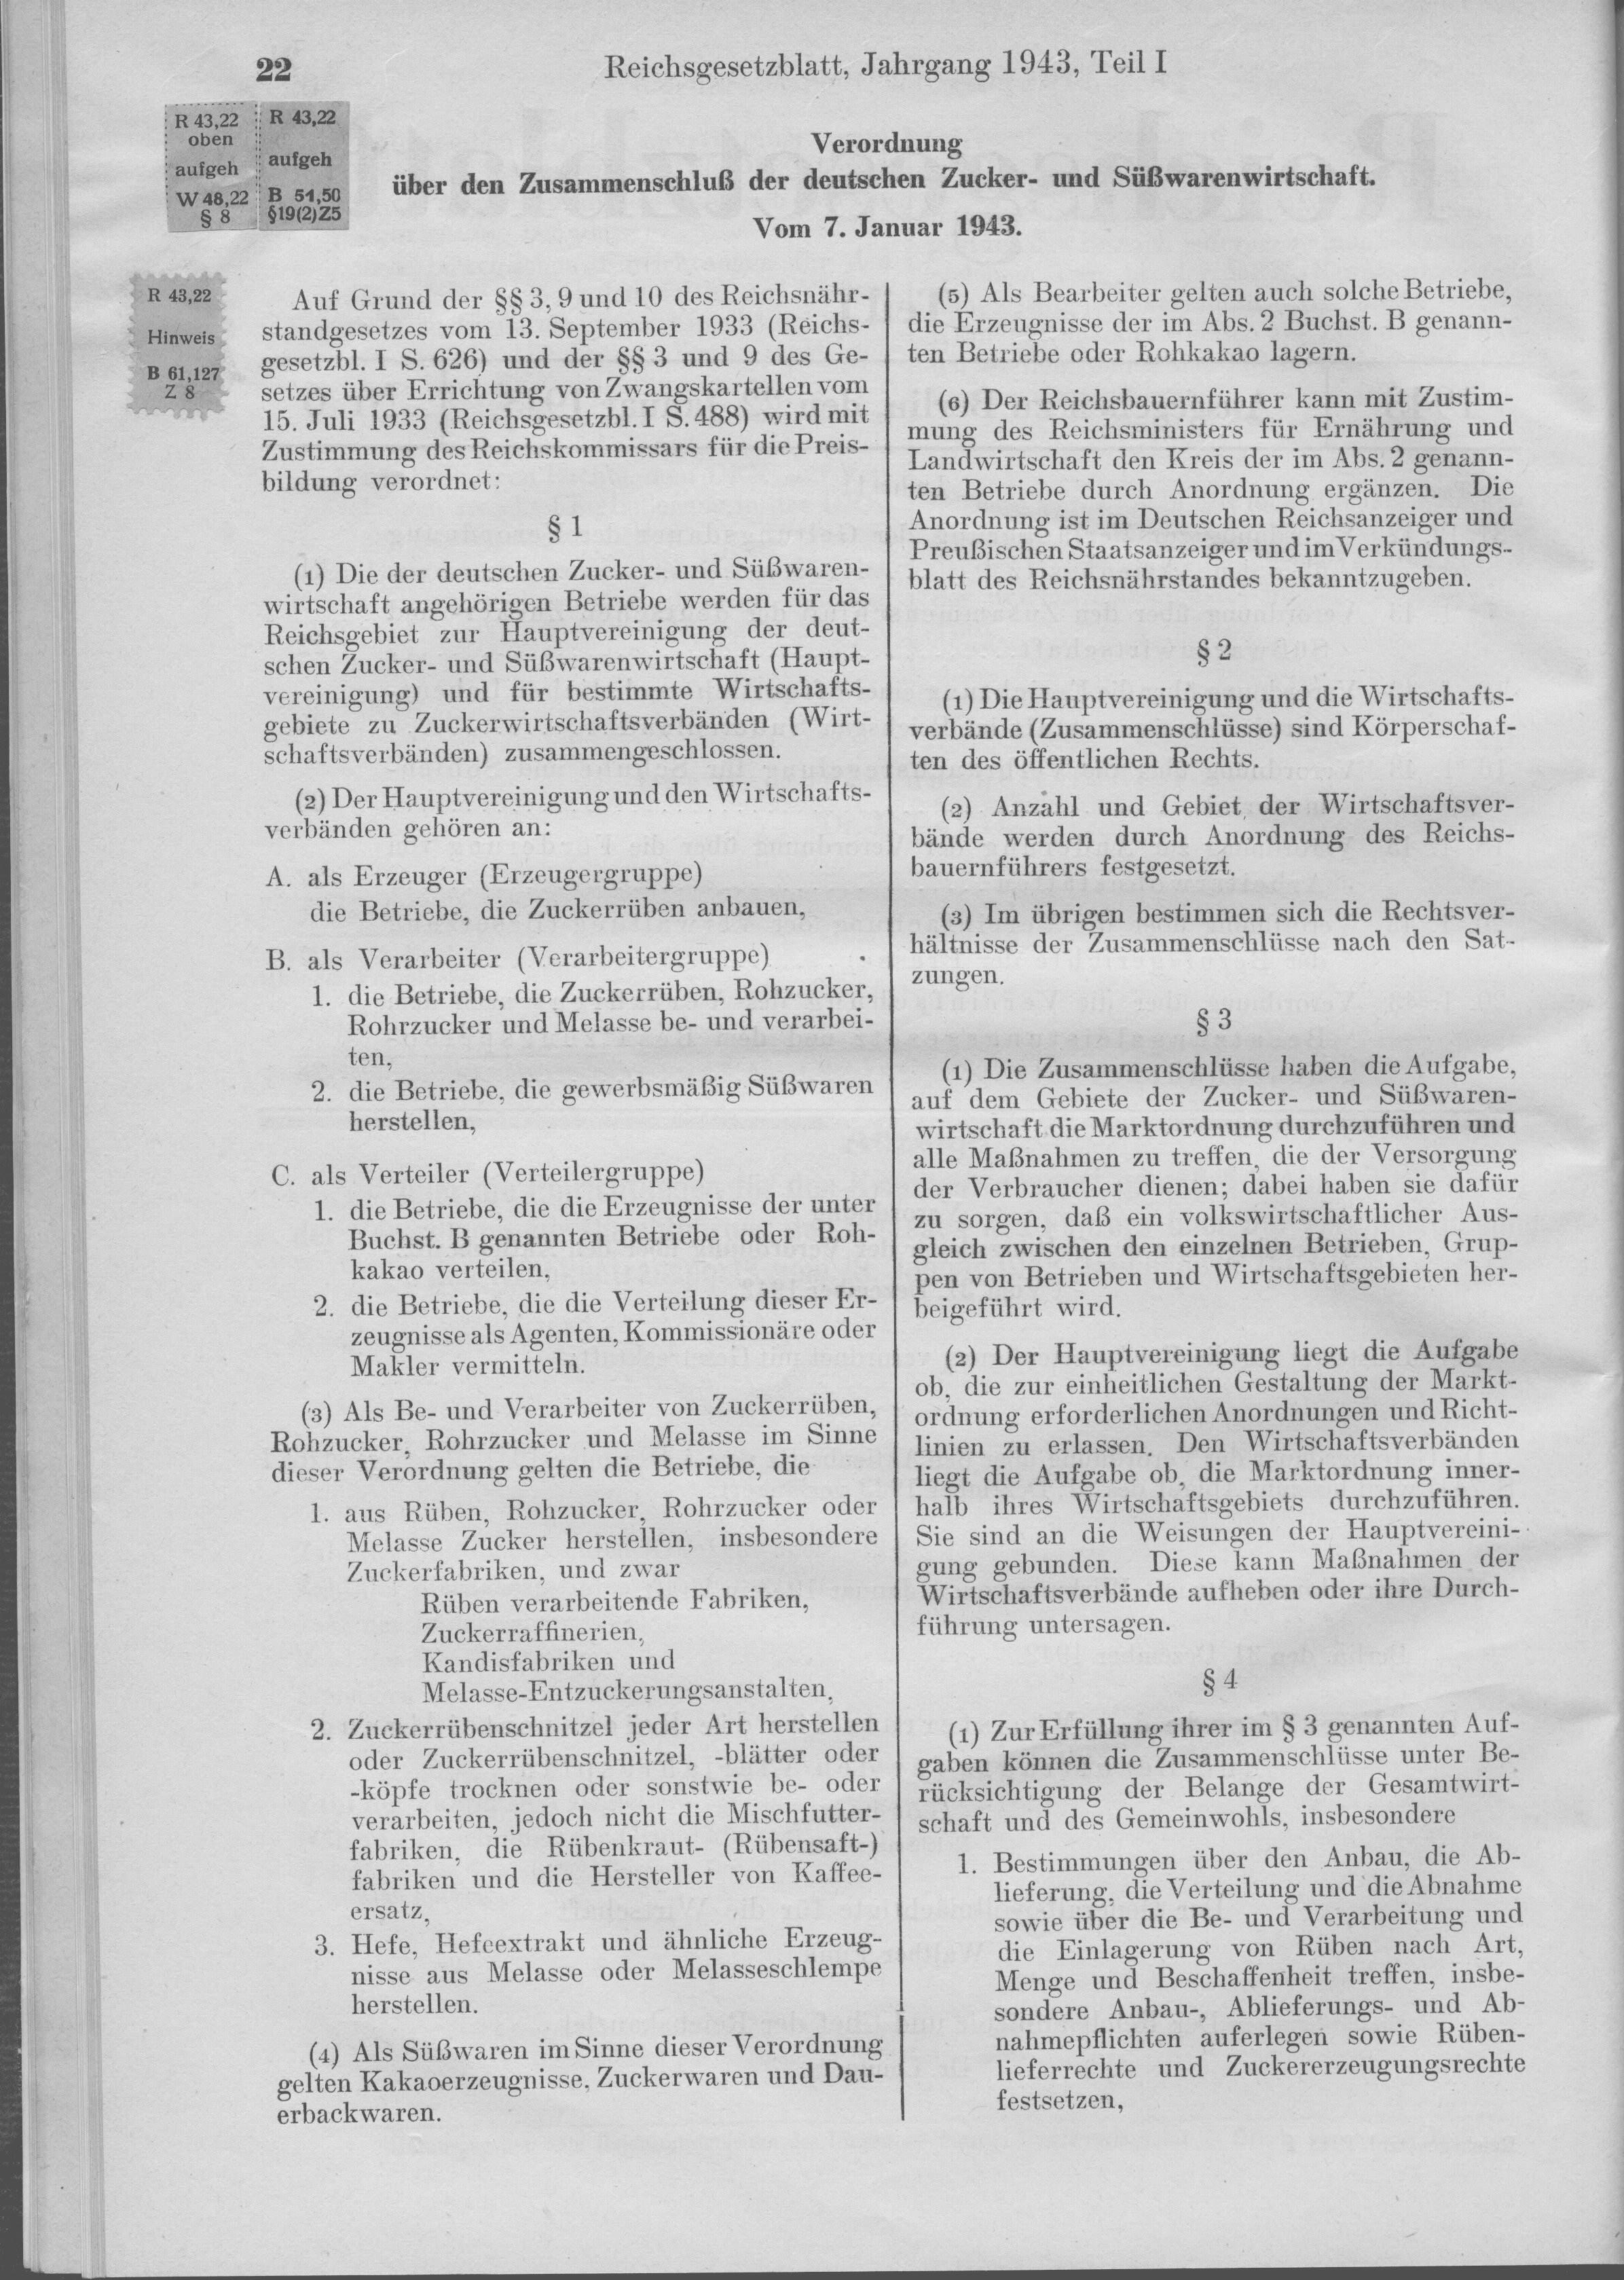 File:Deutsches Reichsgesetzblatt 43T1 006 0022.jpg - Wikimedia Commons